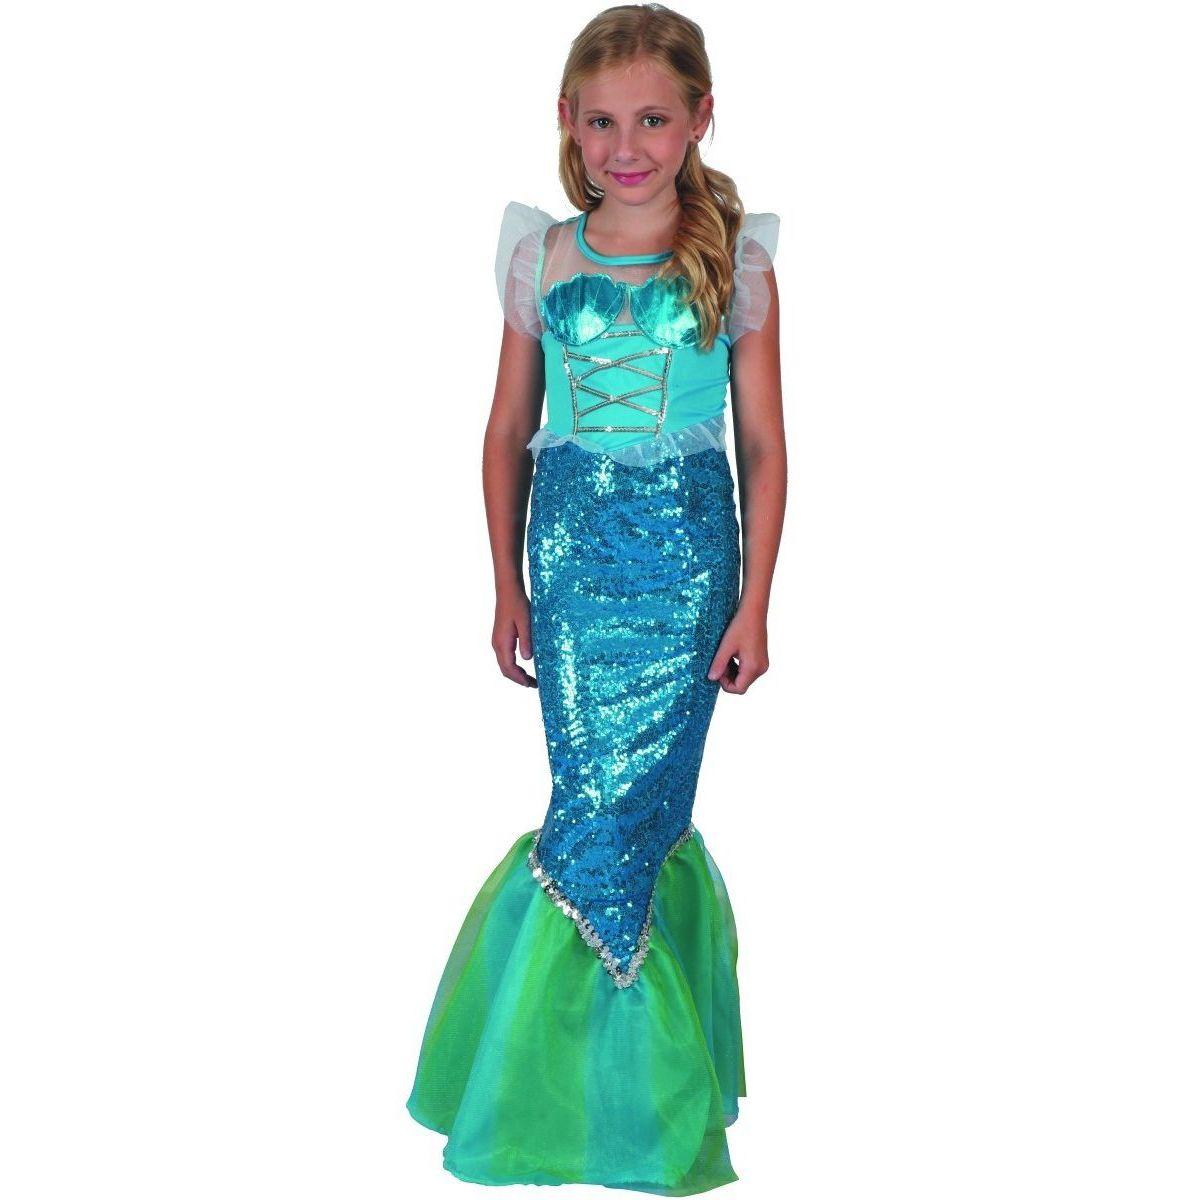 Made Šaty na karneval Mořská panna 120 - 130 cm